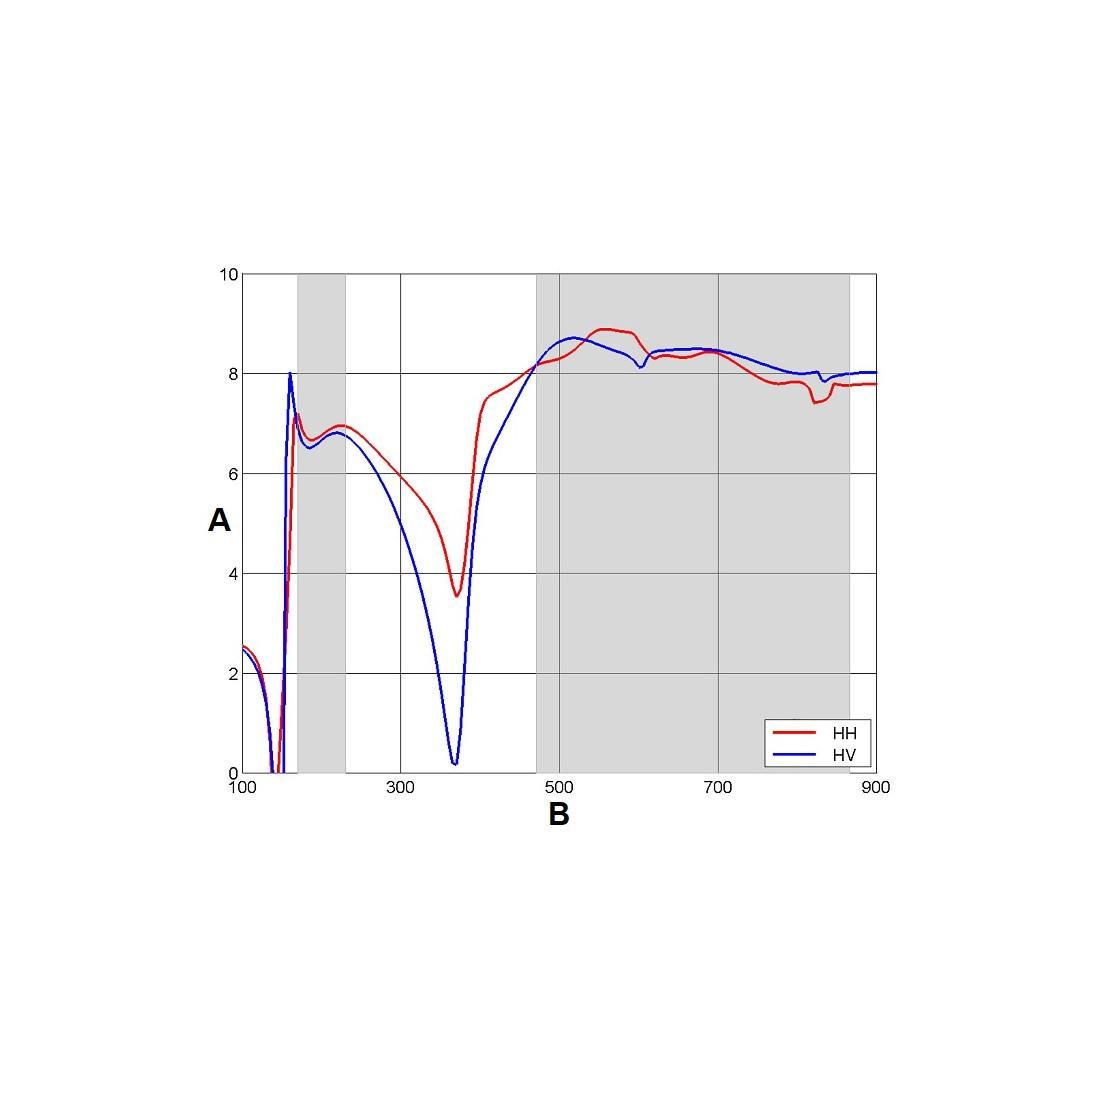 Energetický zisk pre dve konfigurácie antény: H/H a H/V